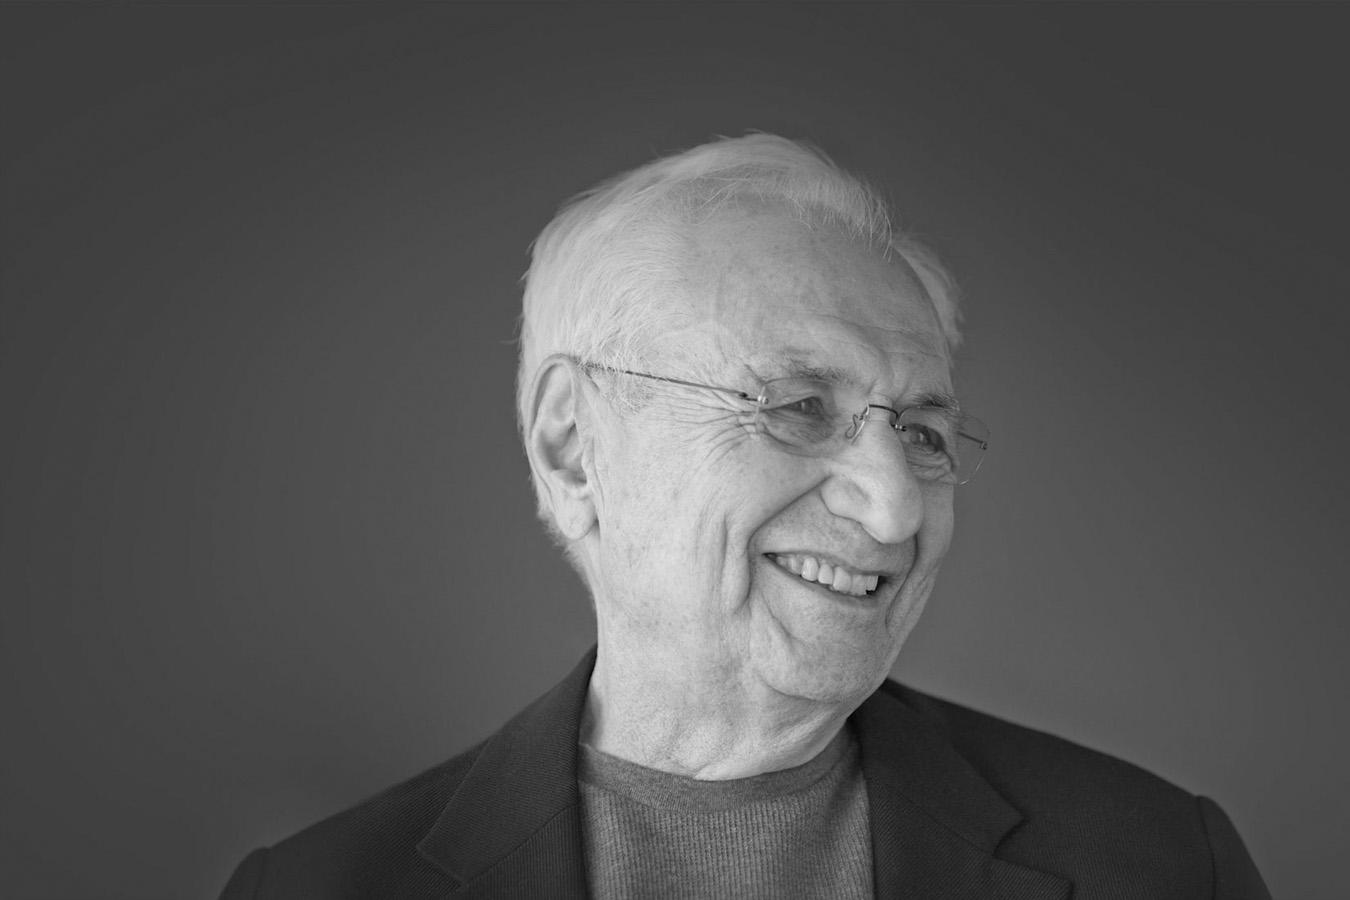 Archisoup-Frank-Gehry-portrait.jpg